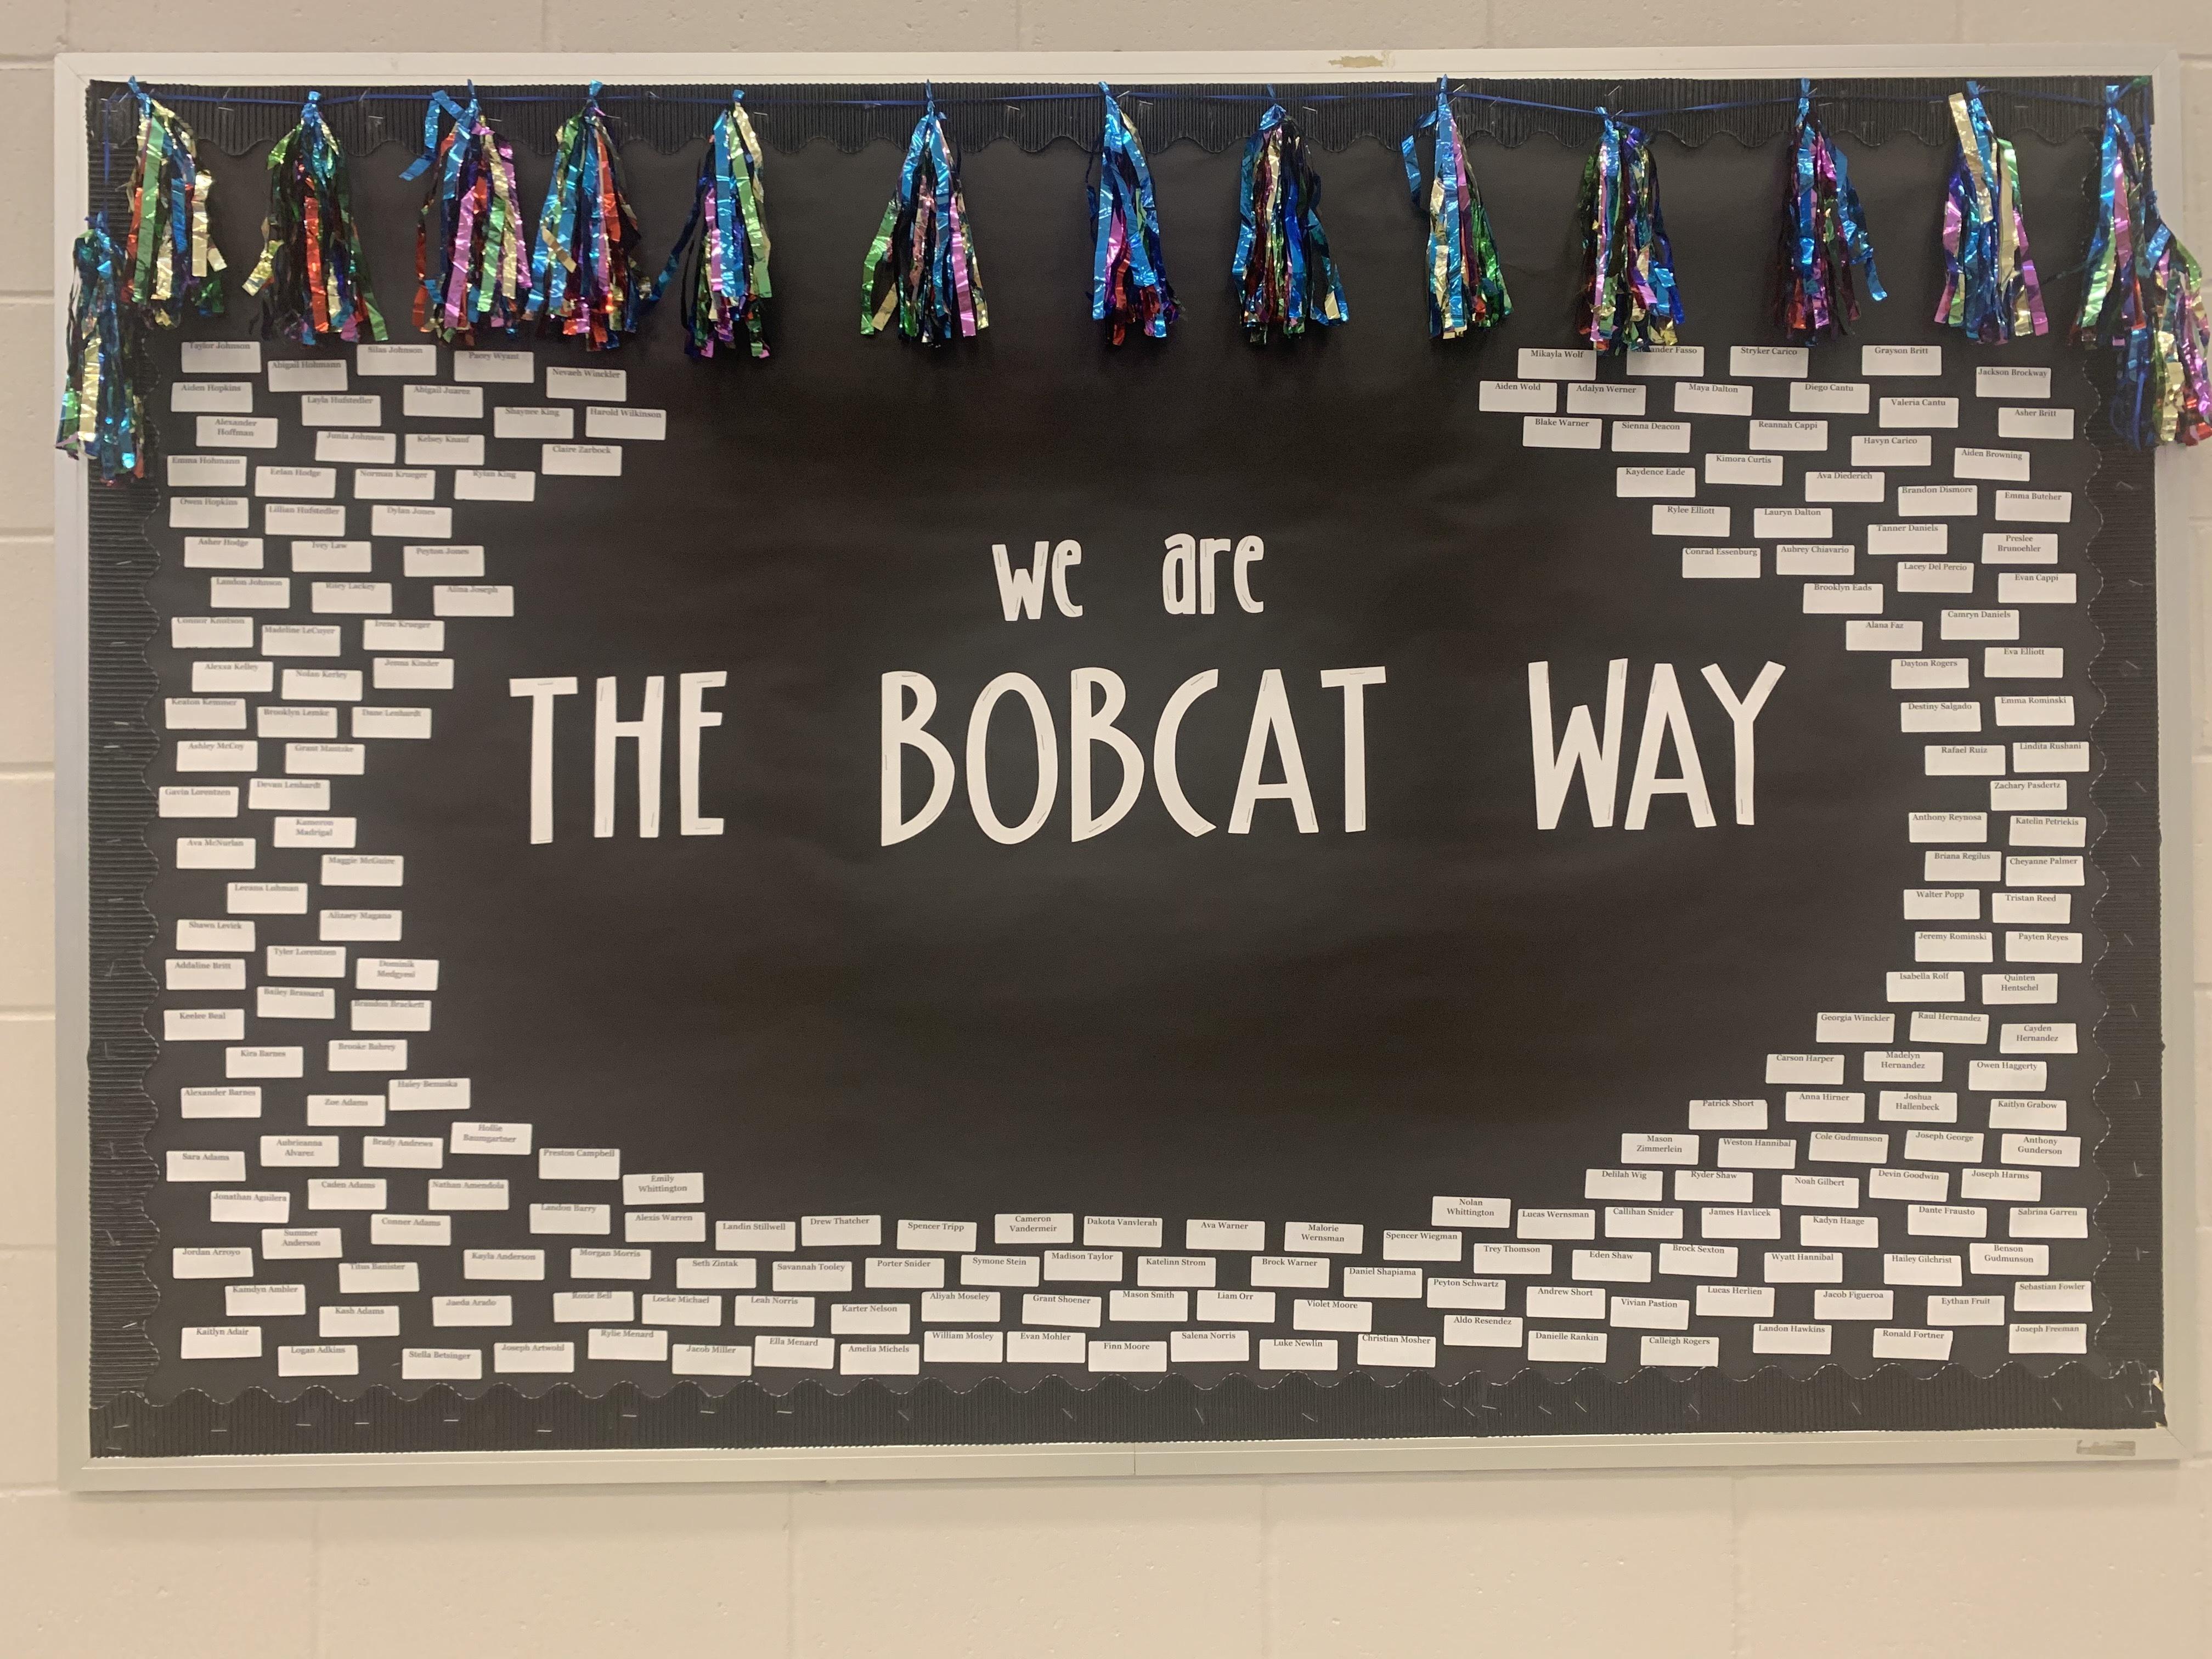 Bobcat Way